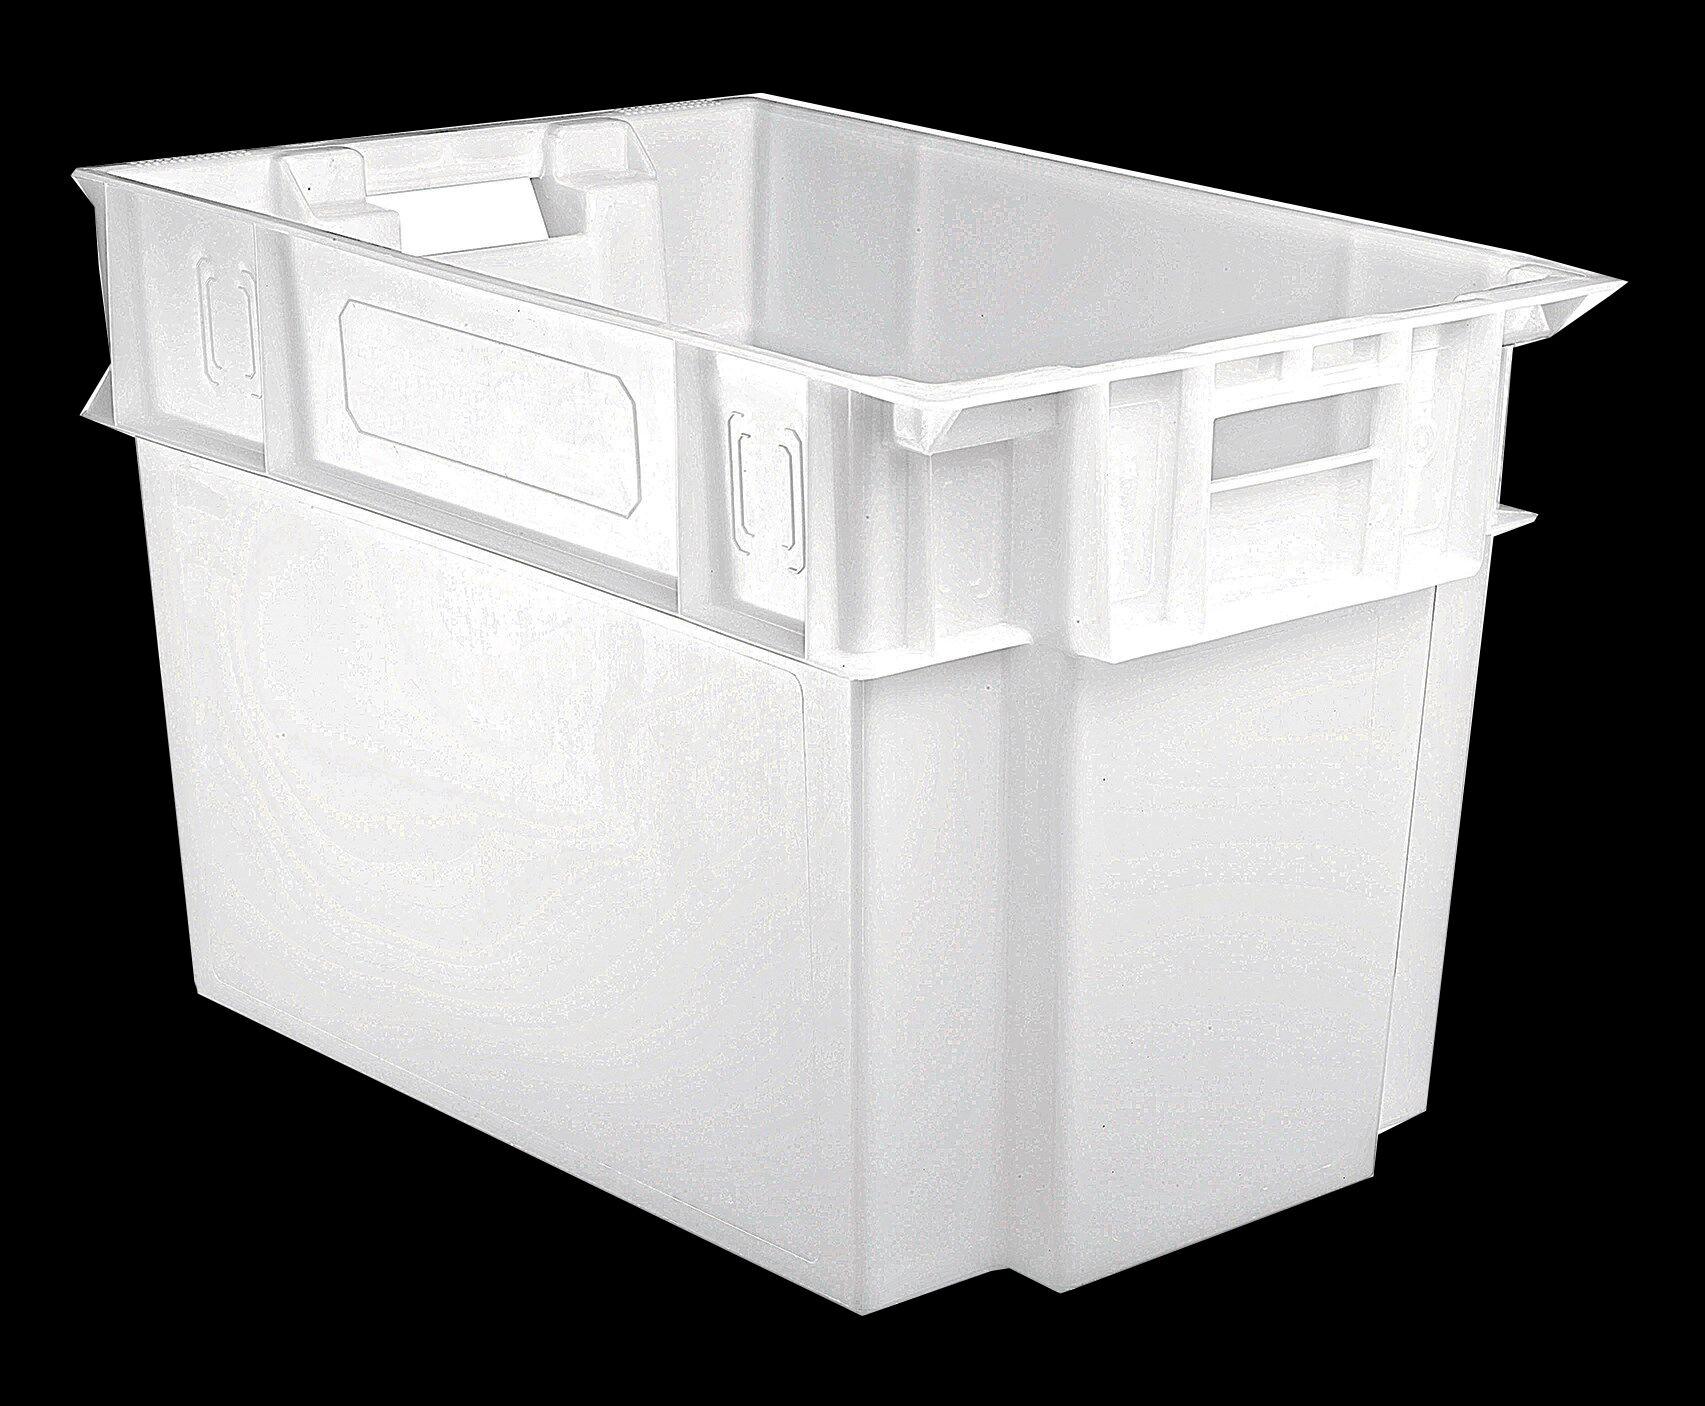 SETAM Bac alimentaire blanc vendange 600x400 volume 70 litres